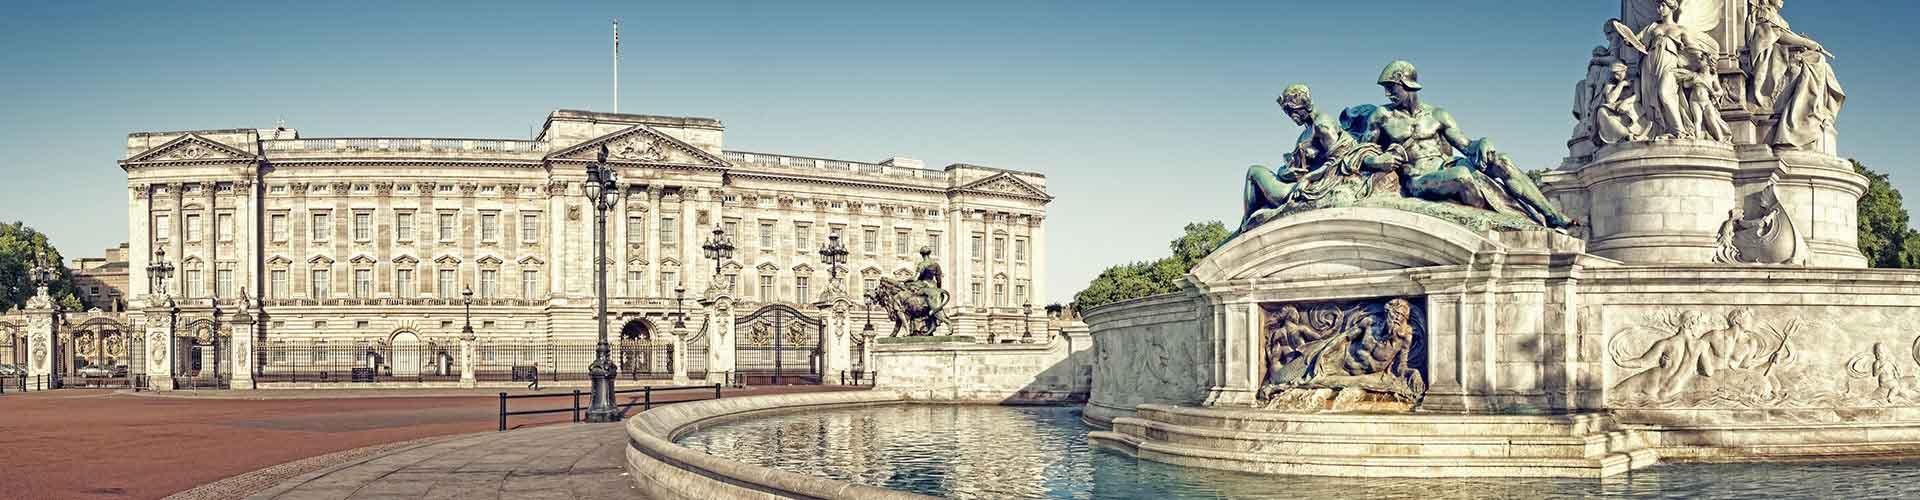 Londres - Hoteles baratos cerca a El Palacio de Buckingham. Mapas de Londres, Fotos y comentarios de cada Hotel en Londres.